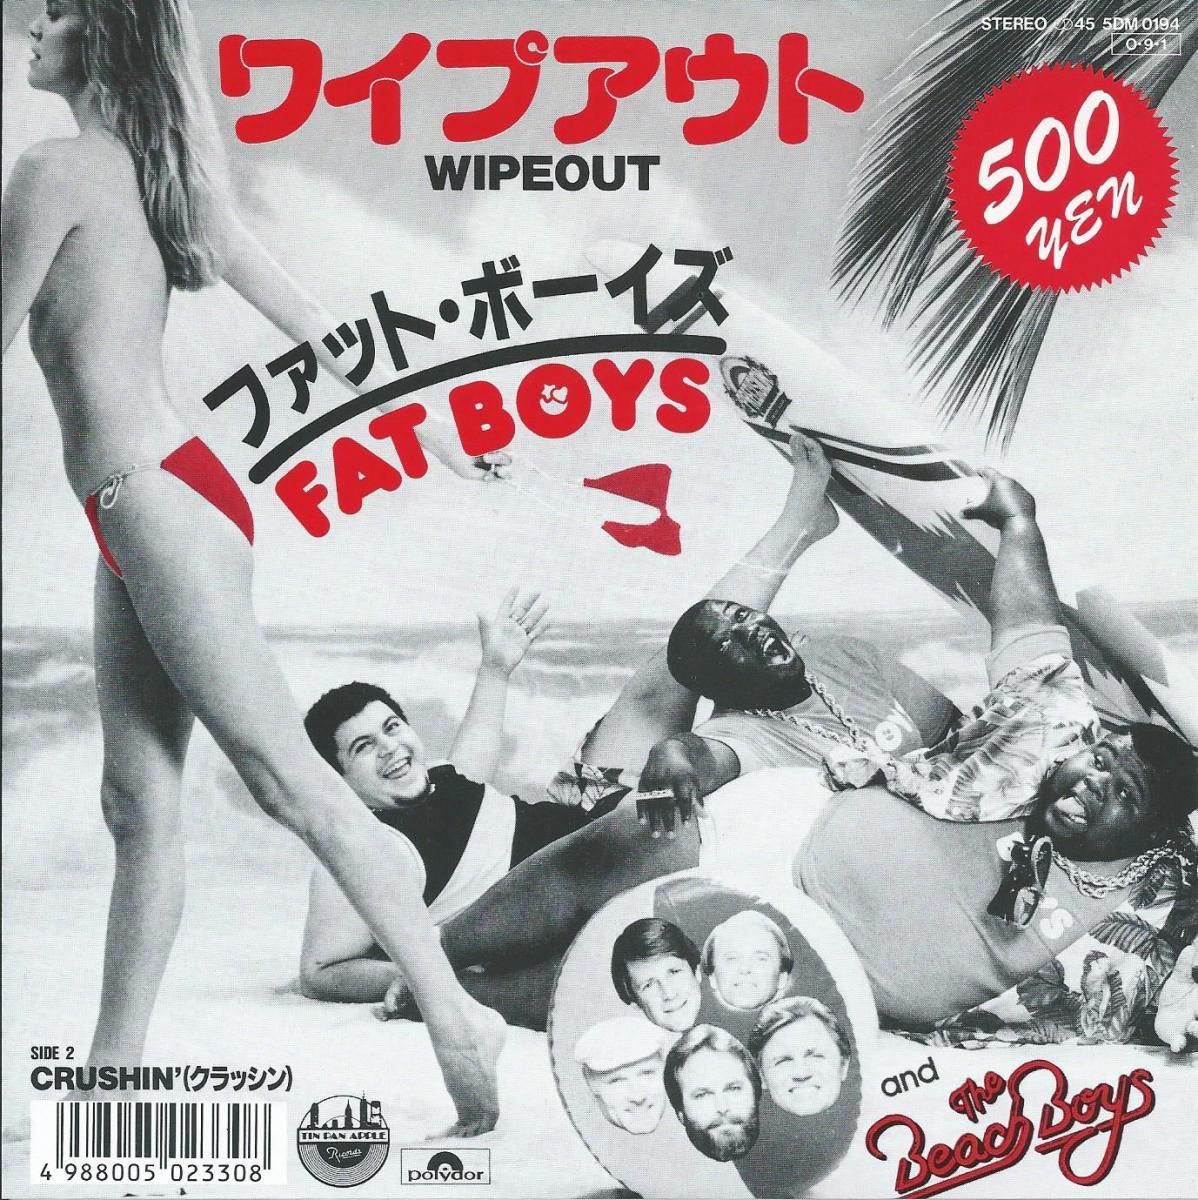 ファット・ボーイズ FAT BOYS / ワイプアウト WIPEOUT / クラッシン CRUSHIN'  (7